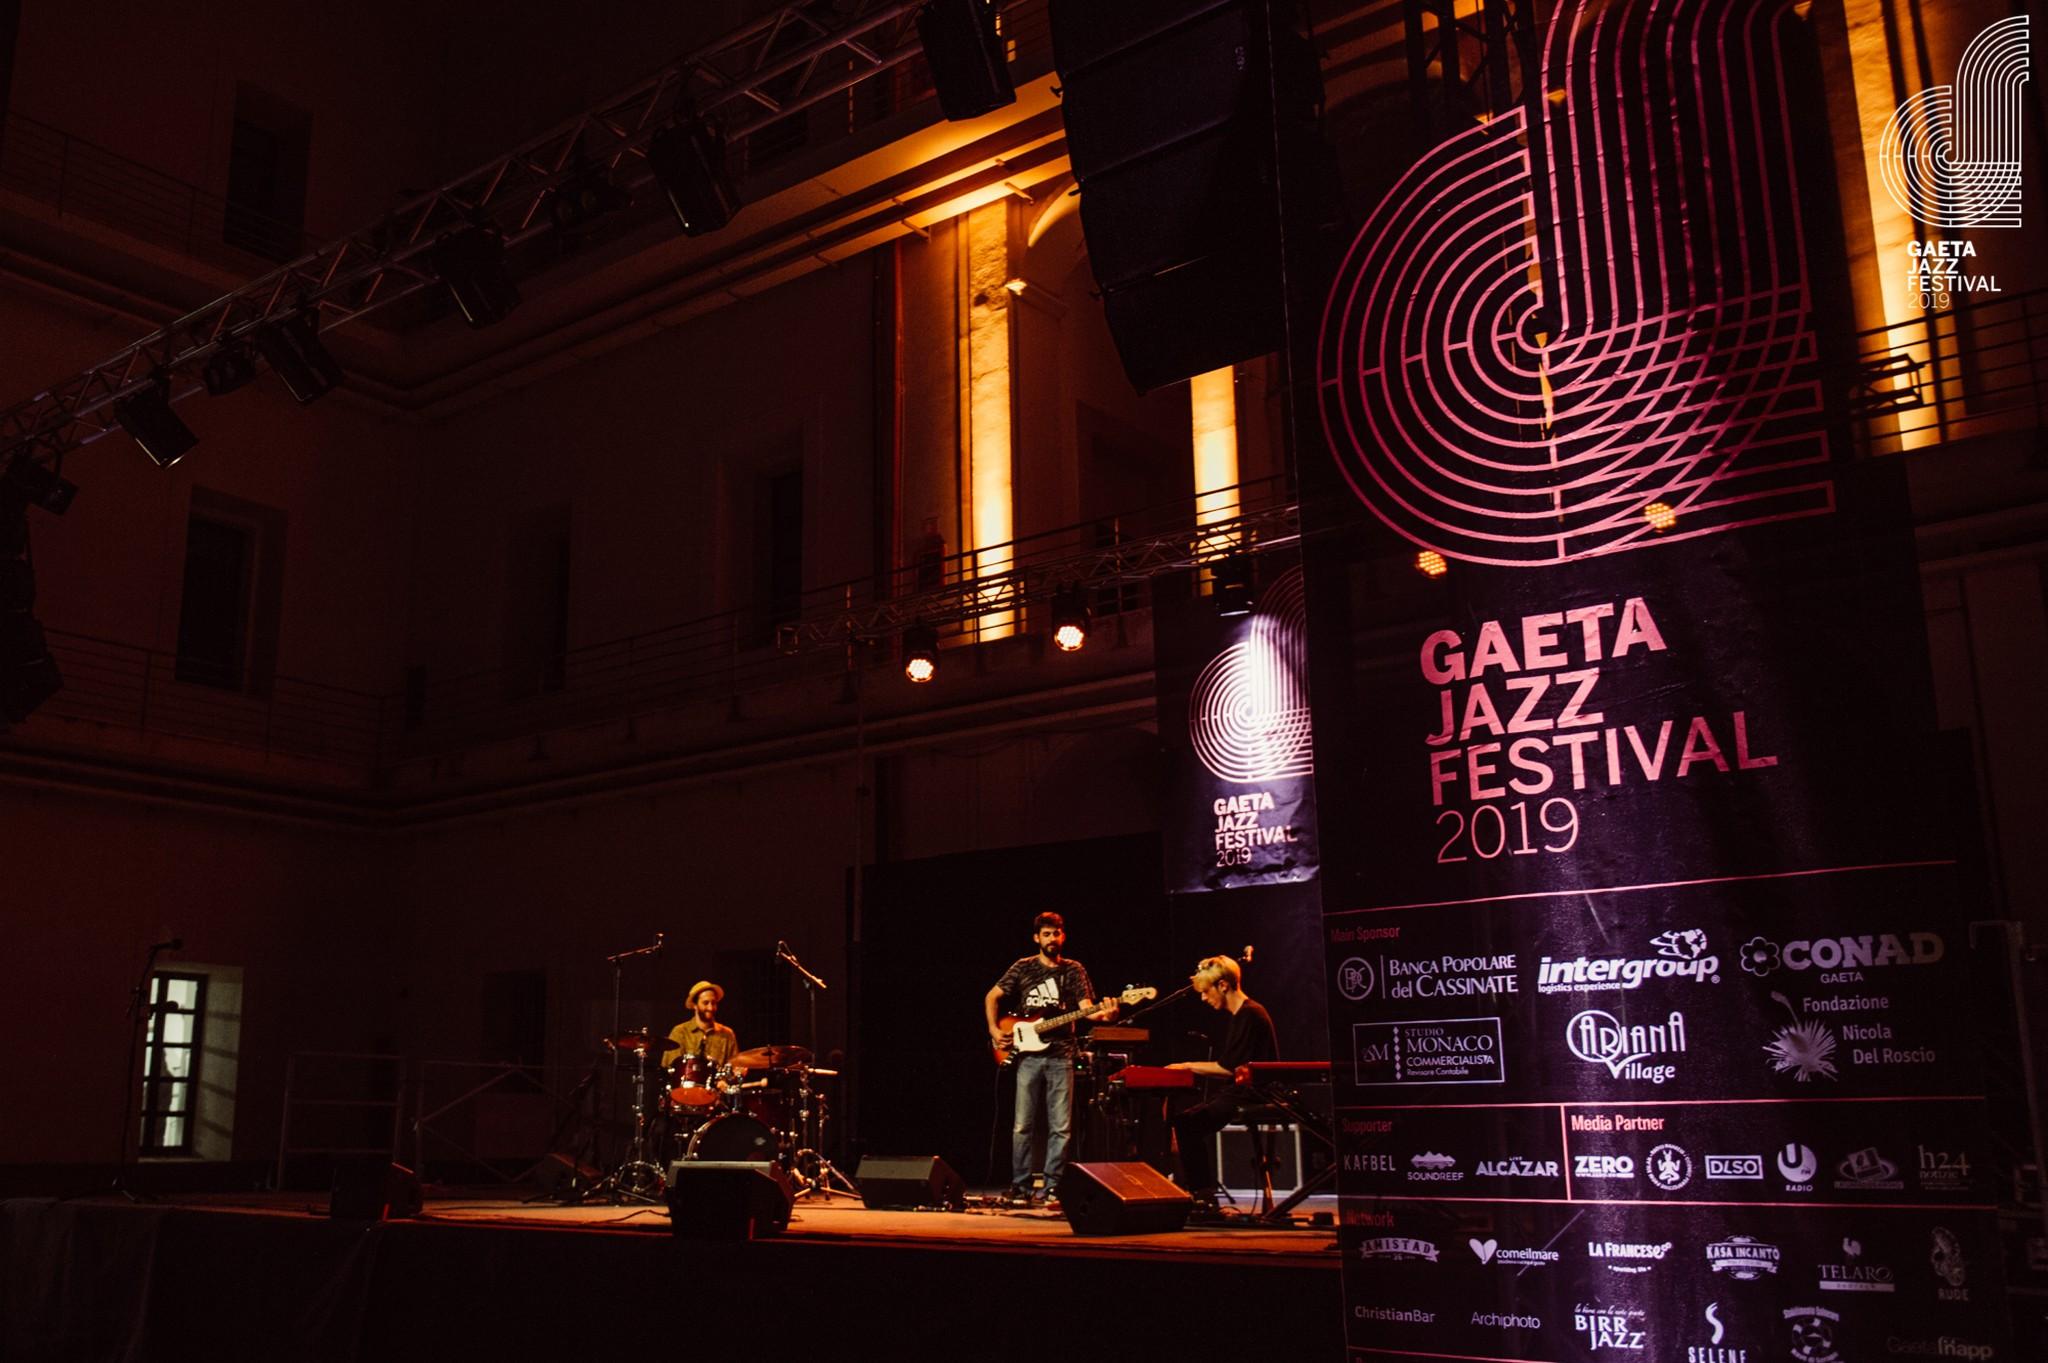 Flavia_Fiengo_Gaeta_Jazz_Festival_live_2019__00017